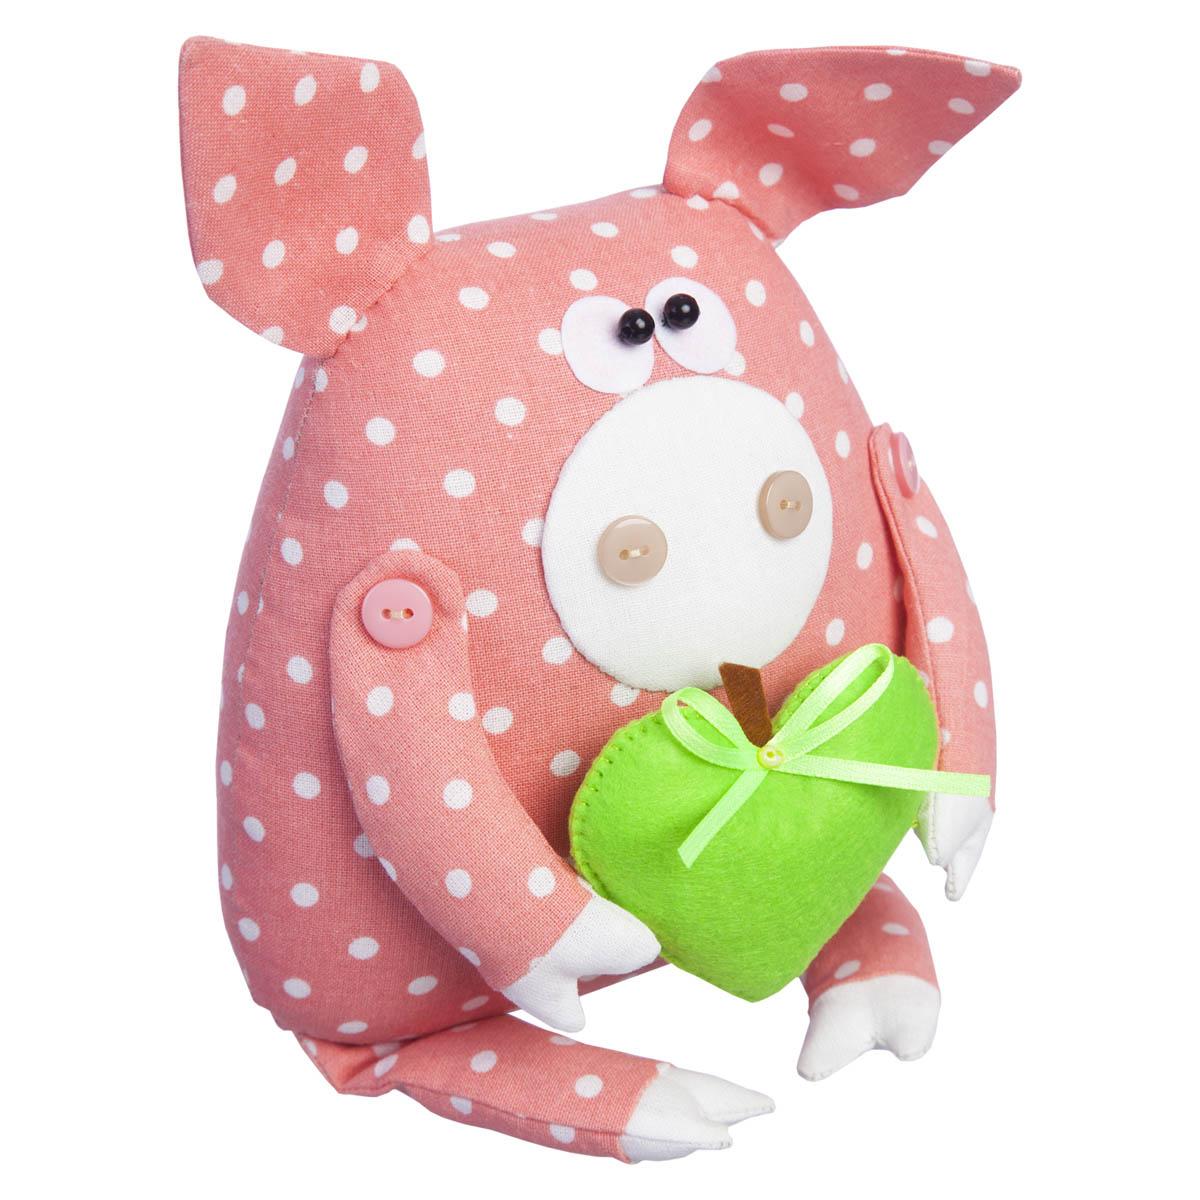 ТК-006 Набор для шитья мягкой игрушки 'Поросёнок Лаврик'